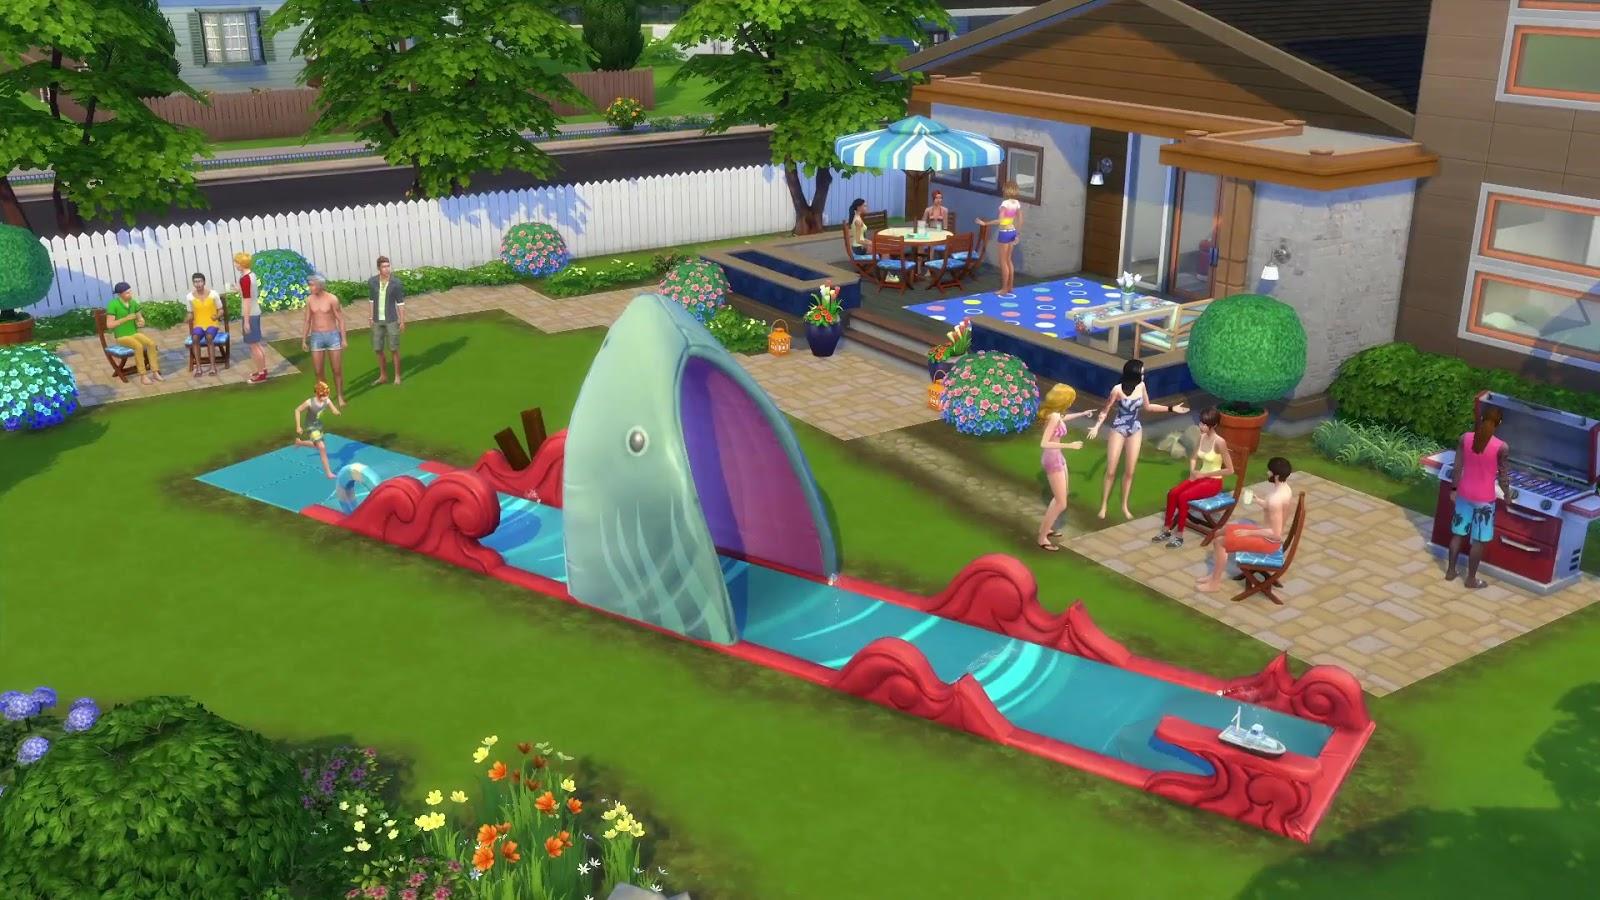 สวนหลังบ้านแสนสนุก กับ The Sims 4 Backyard Stuff